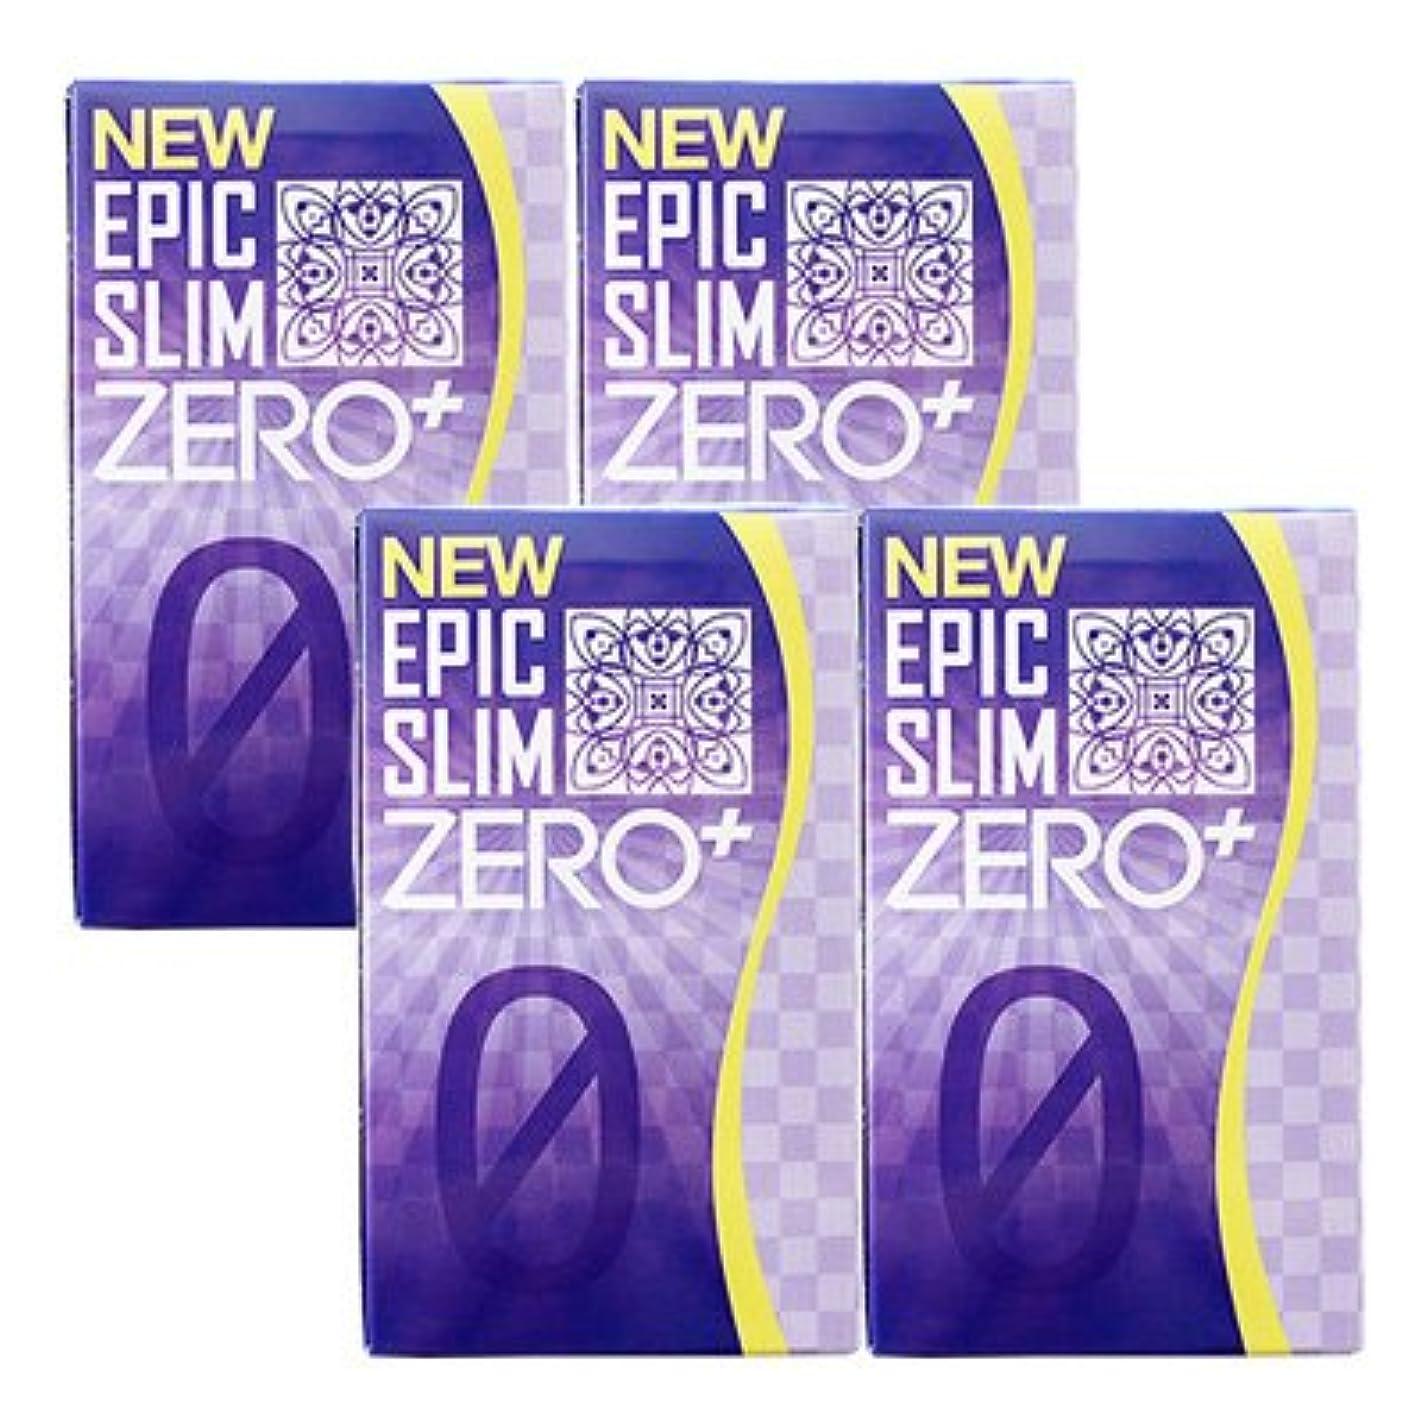 返還バッグ剥離NEW エピックスリム ゼロ+ 4個セット NEW Epic Slim ZERO PLUS